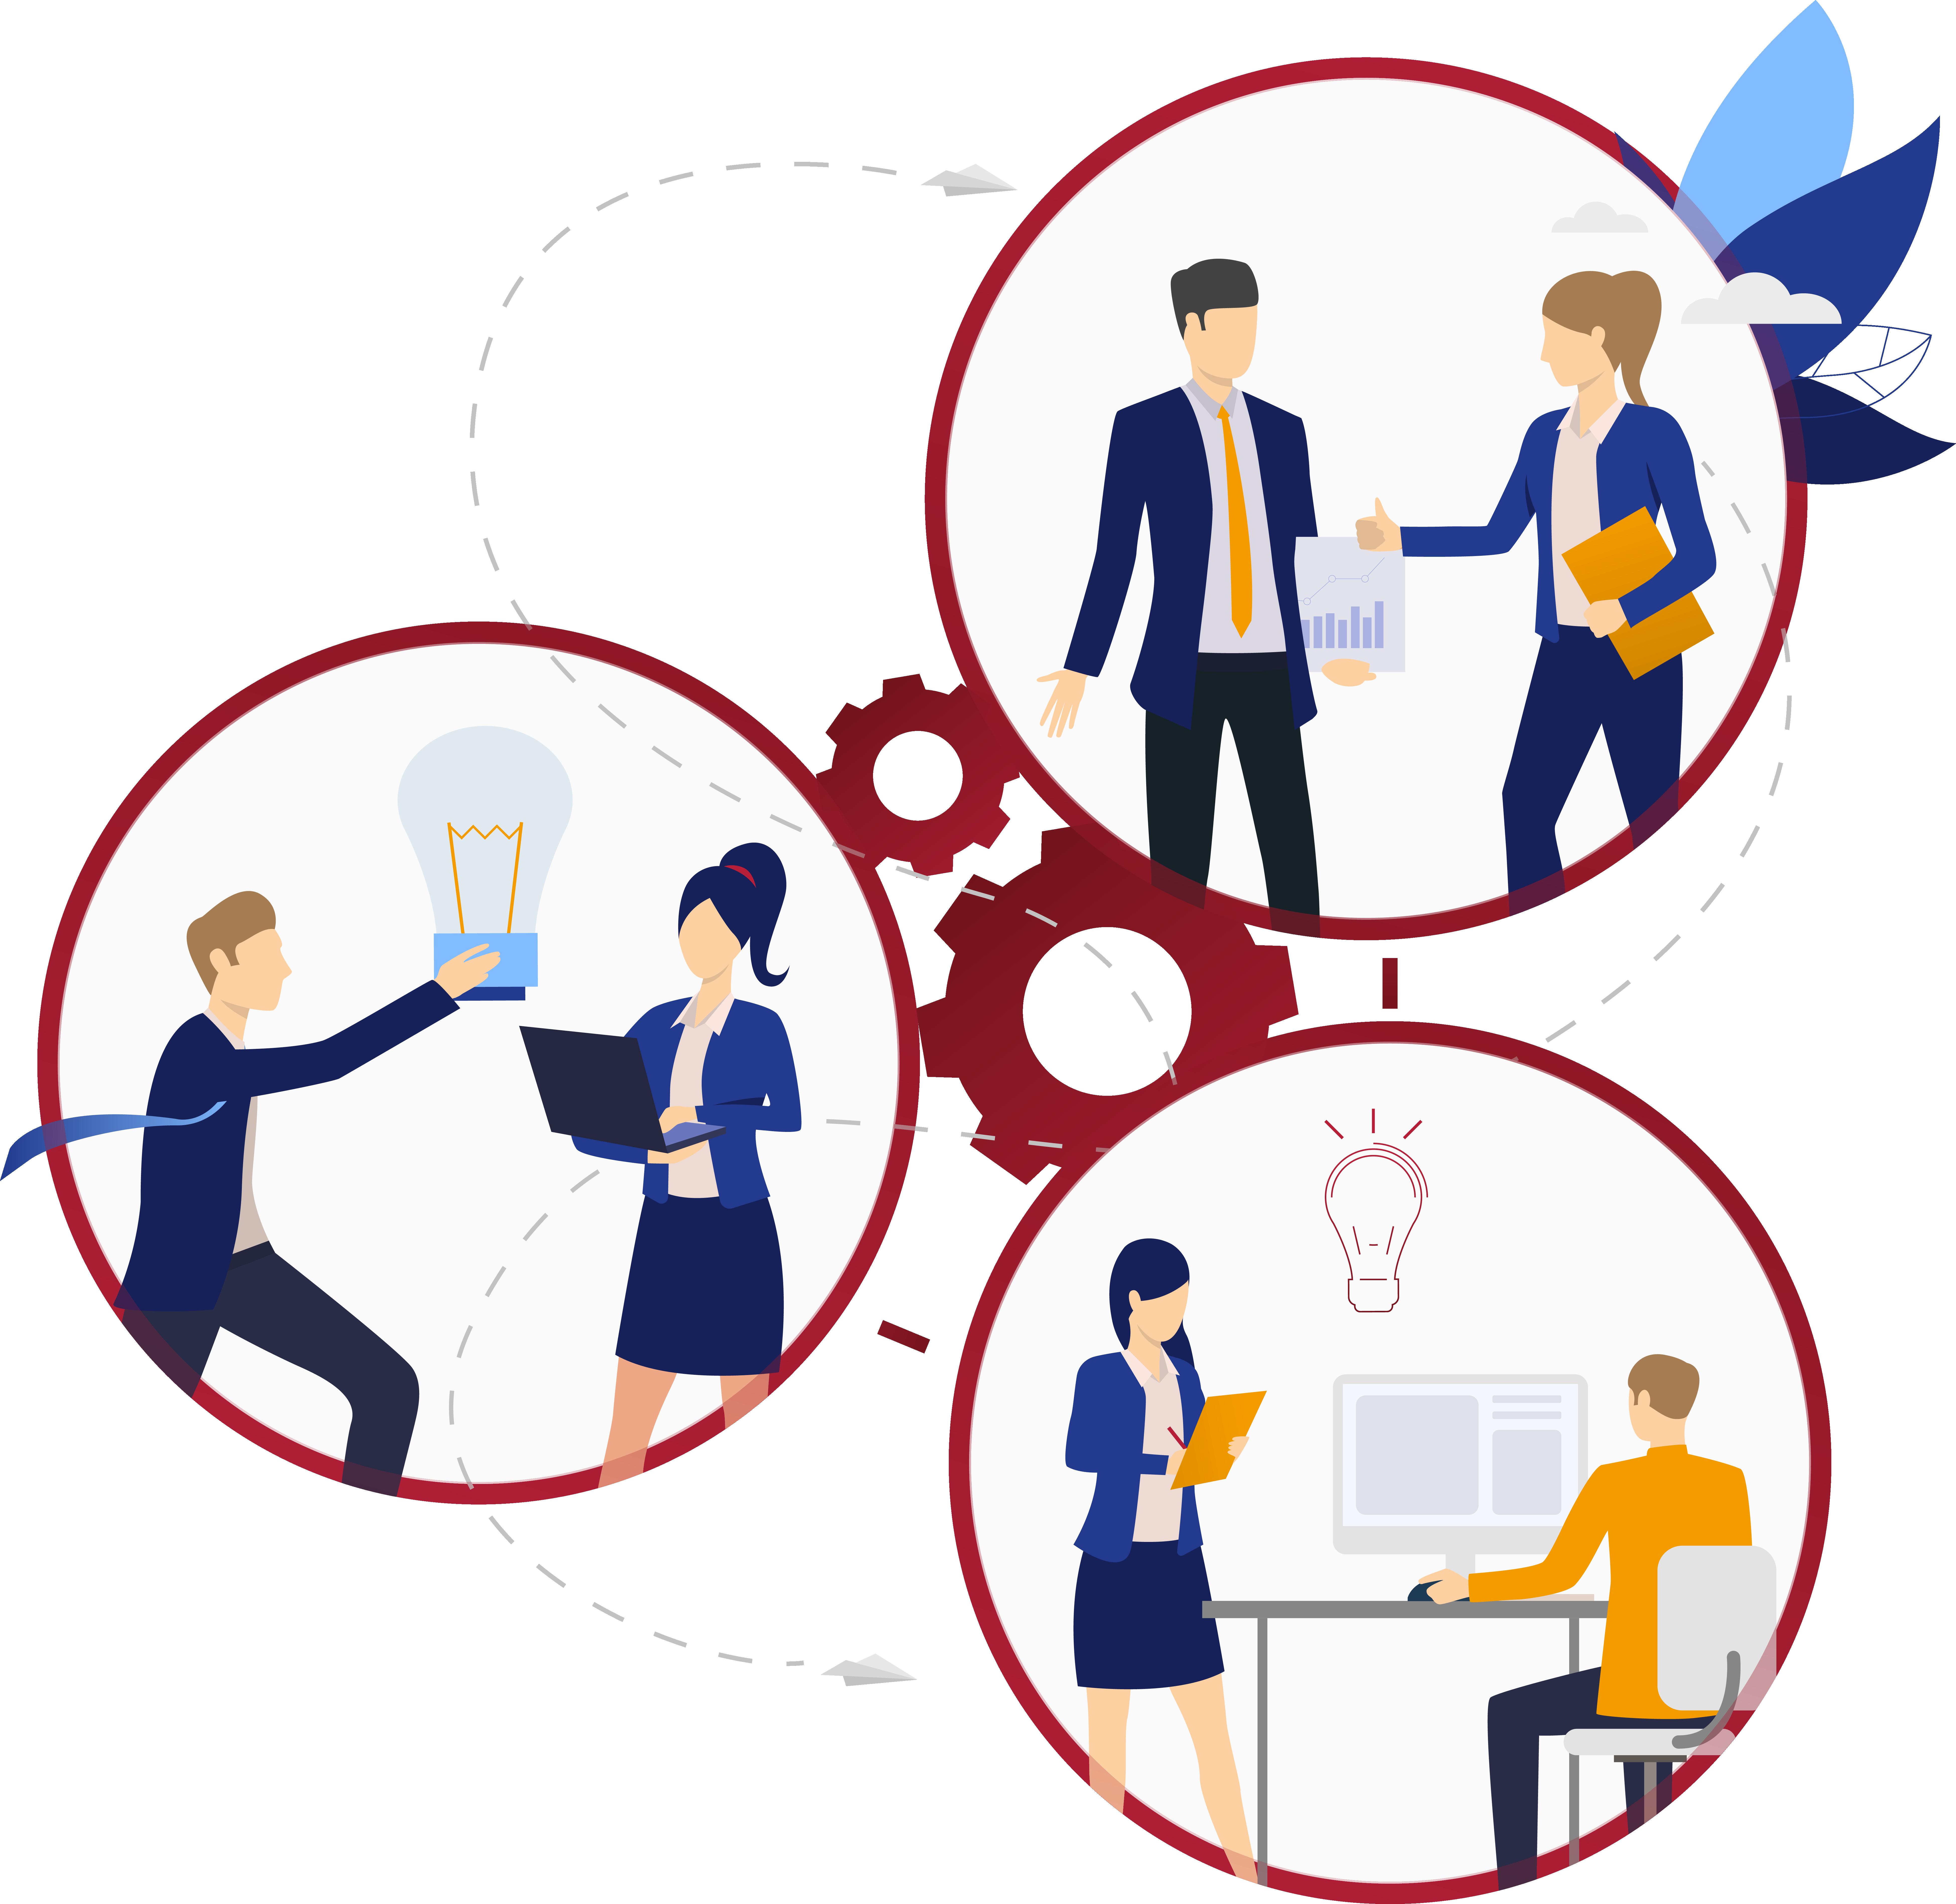 kollaboratives Arbeiten Lösungen Anwendungen